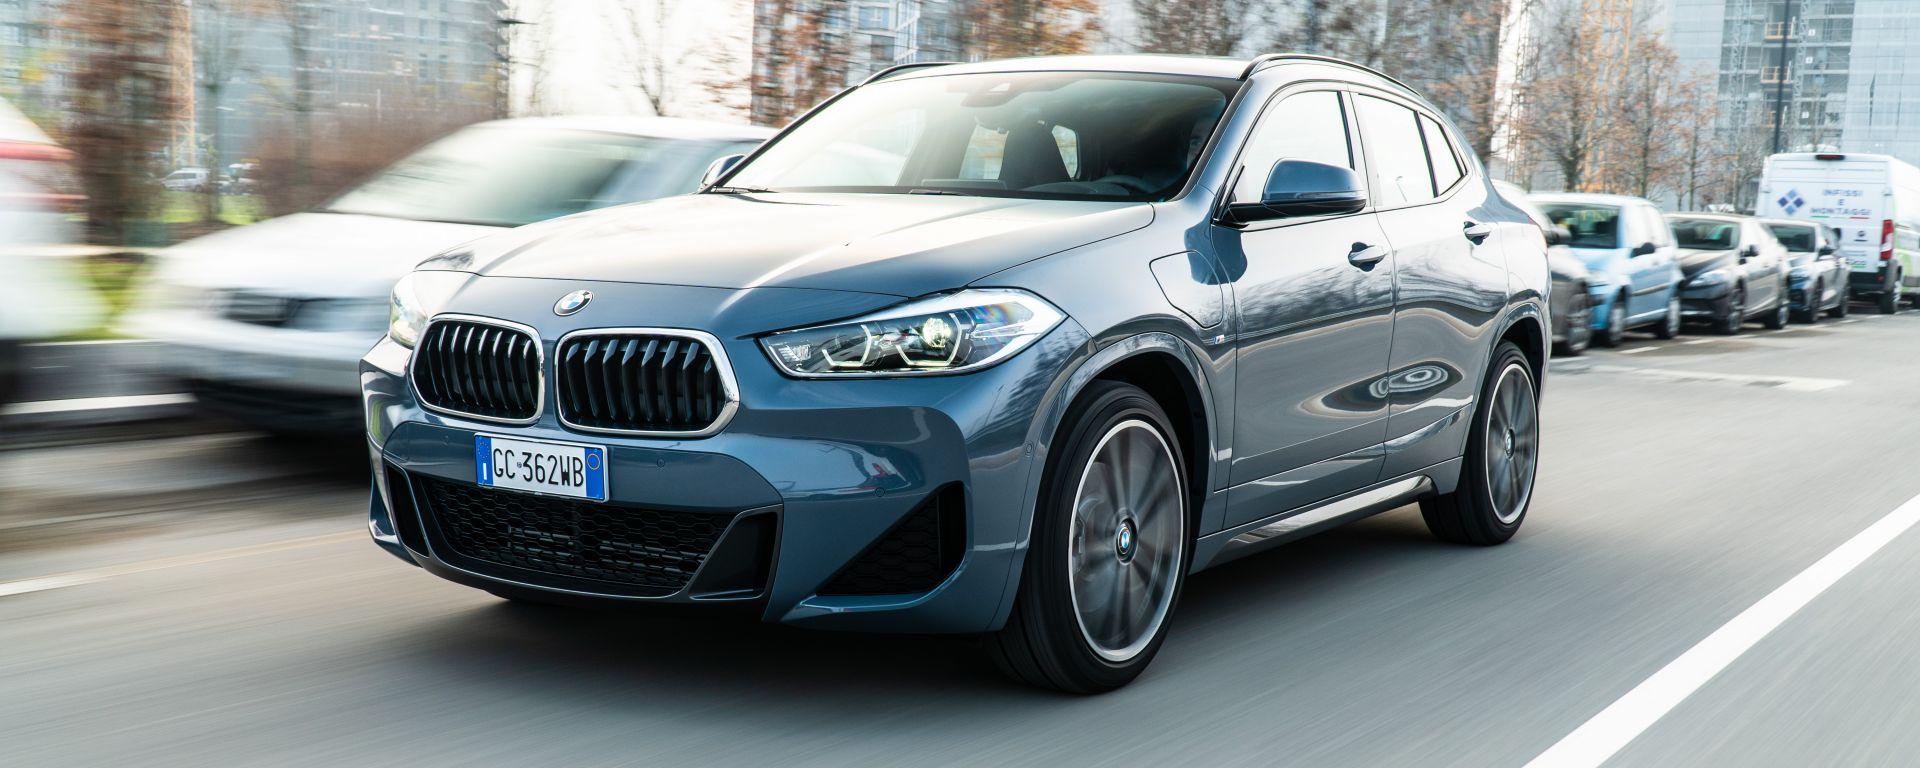 BMW X2 xDrive 25e: la prova dell'ibrido plug-in che sfida il diesel